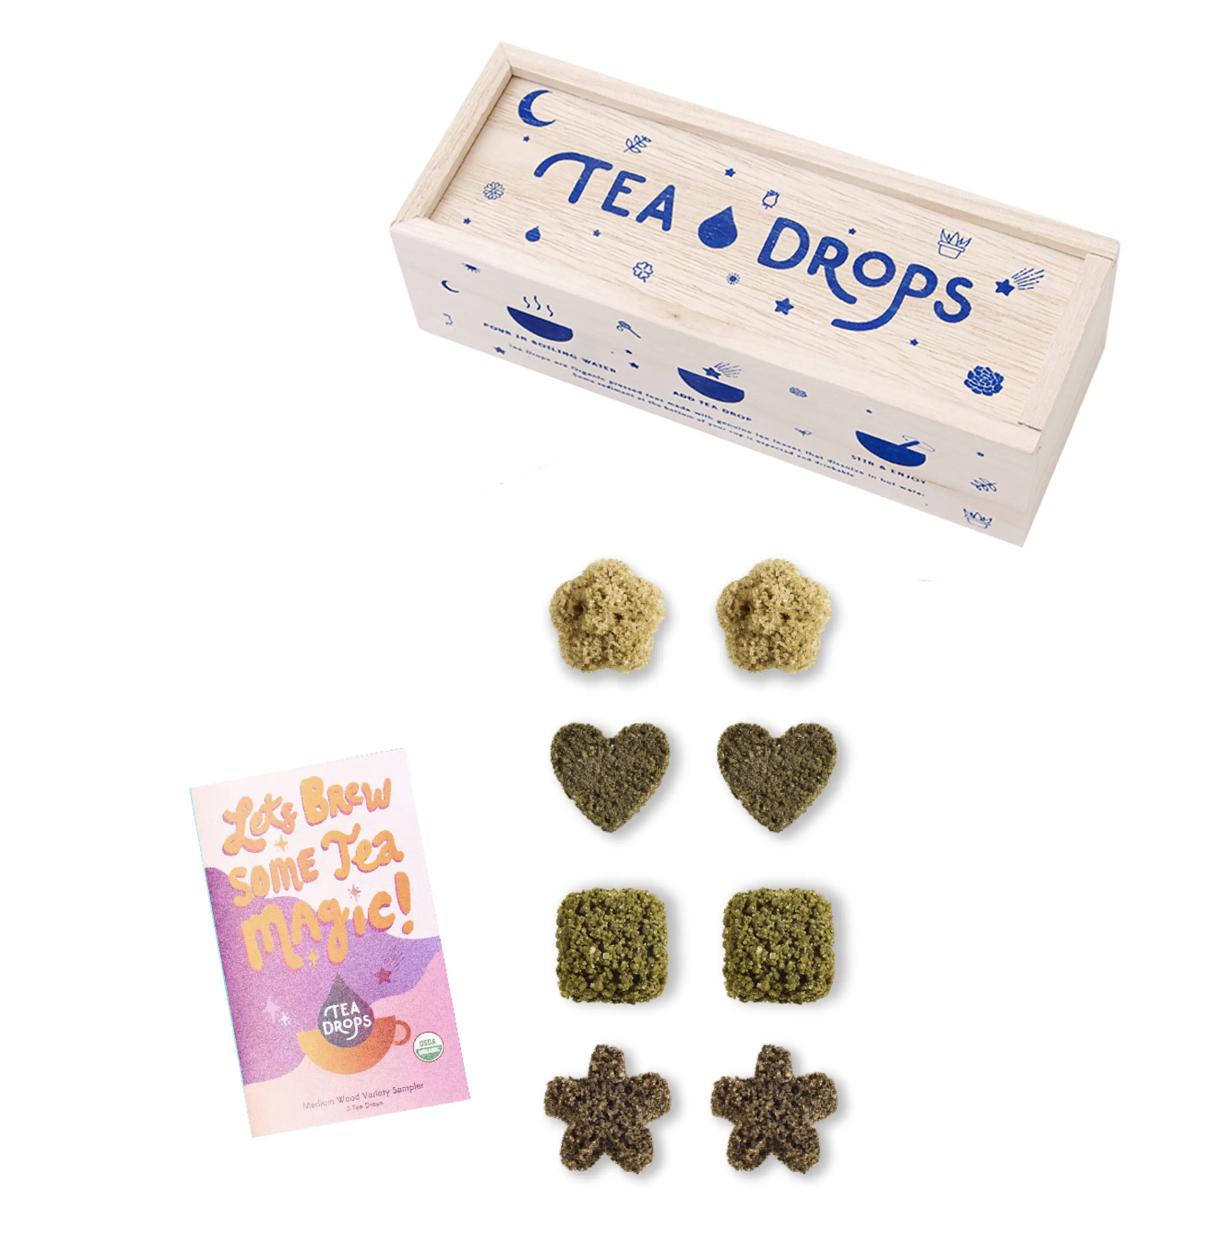 Classic Tea Drops Assortment in Wooden Box